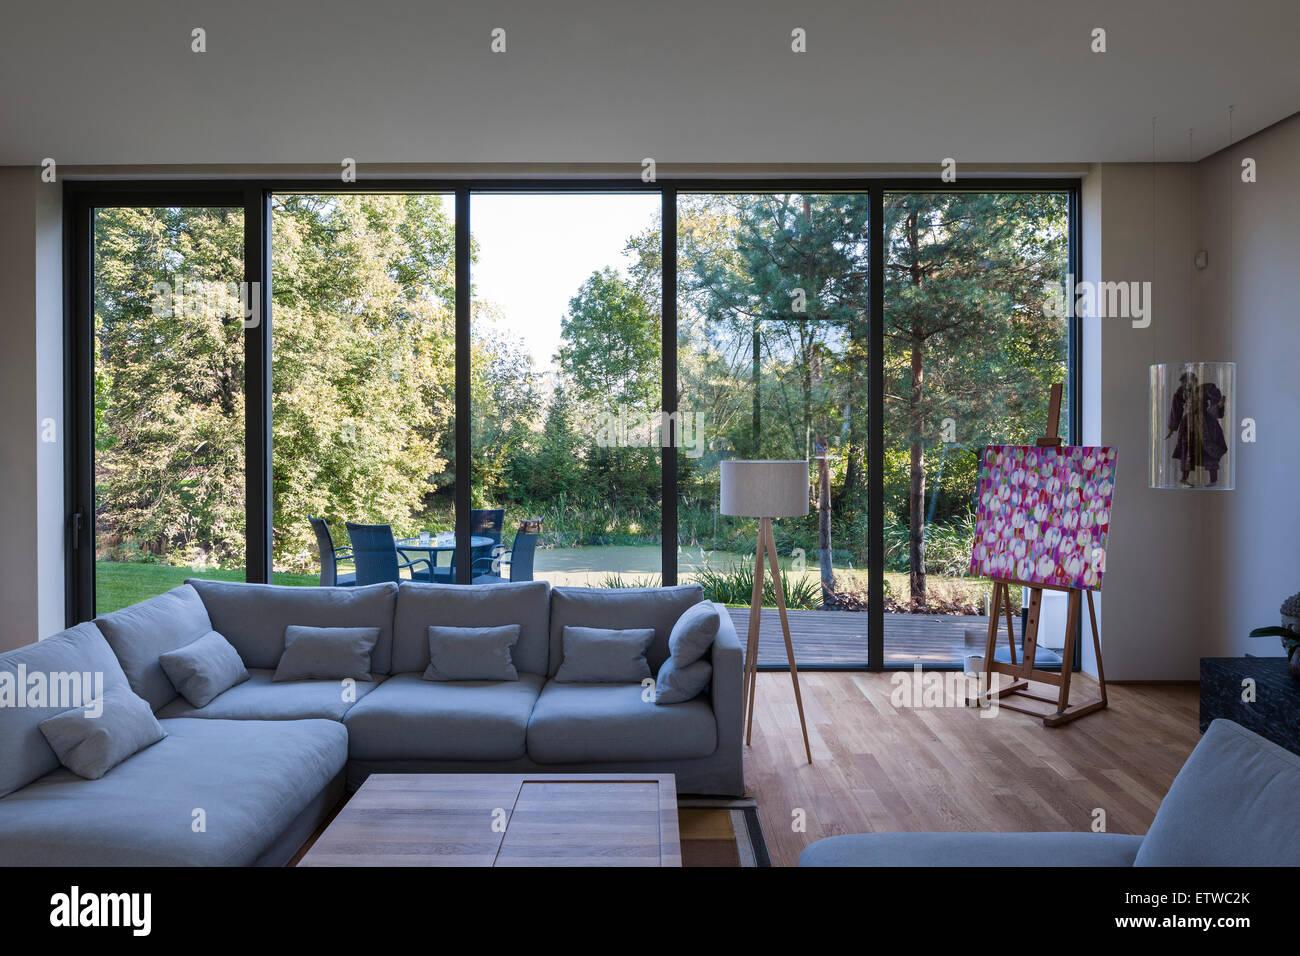 Wohnzimmer mit raumhohen fenster zum garten warschau villa warschau polen architekt - Raumhohe fenster ...